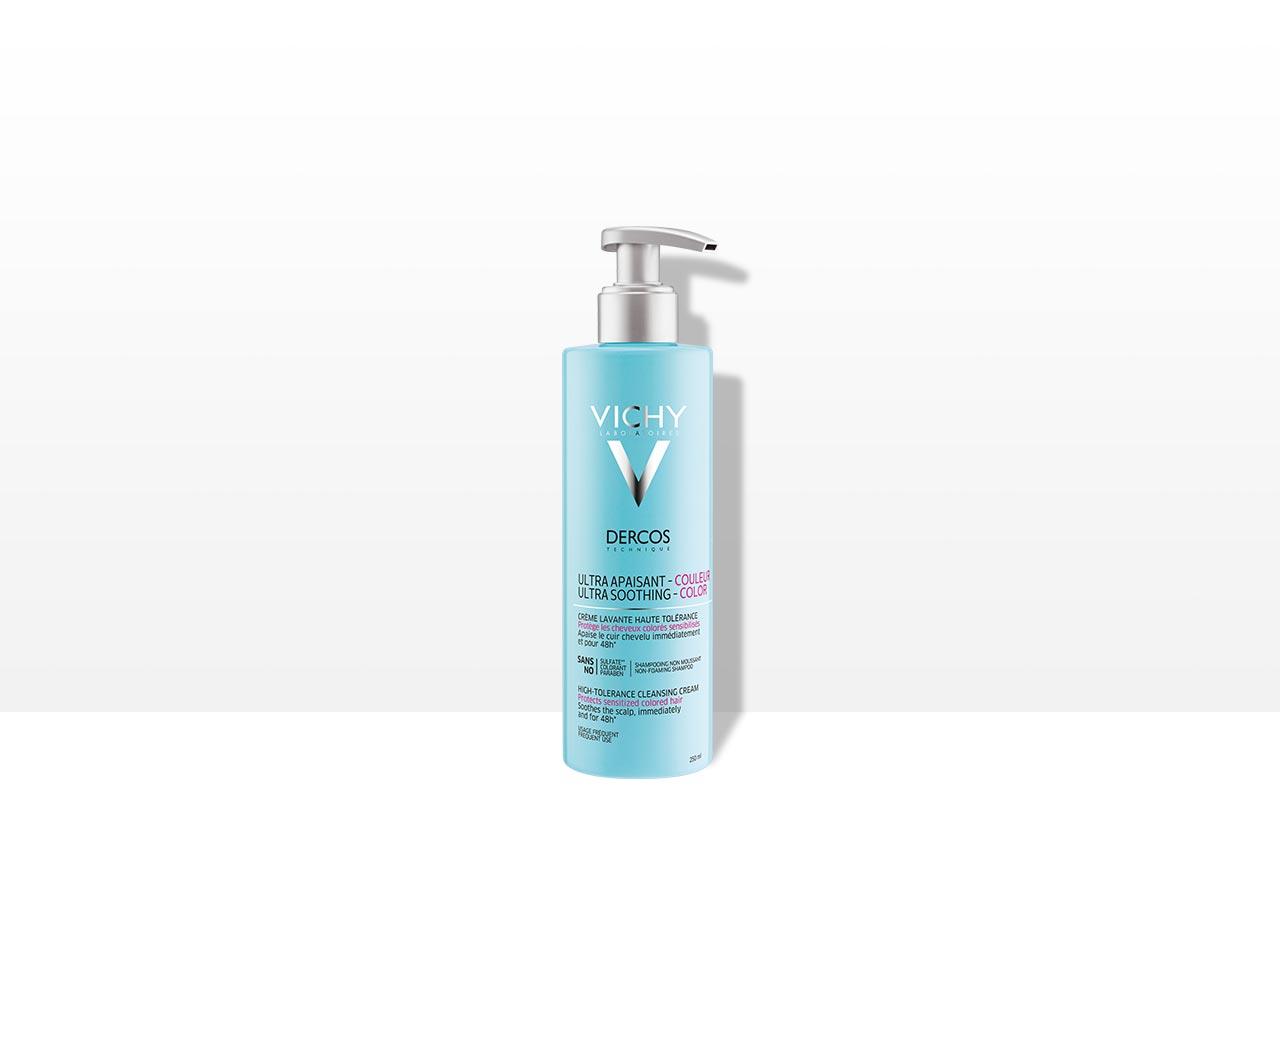 1-dercos-krema-za-pranje-i-smirivanje-vlasista-za-obojenu-kosu-samponosetljivo-vlasiste-teme-osetljivu-kozu-bez-sulfata